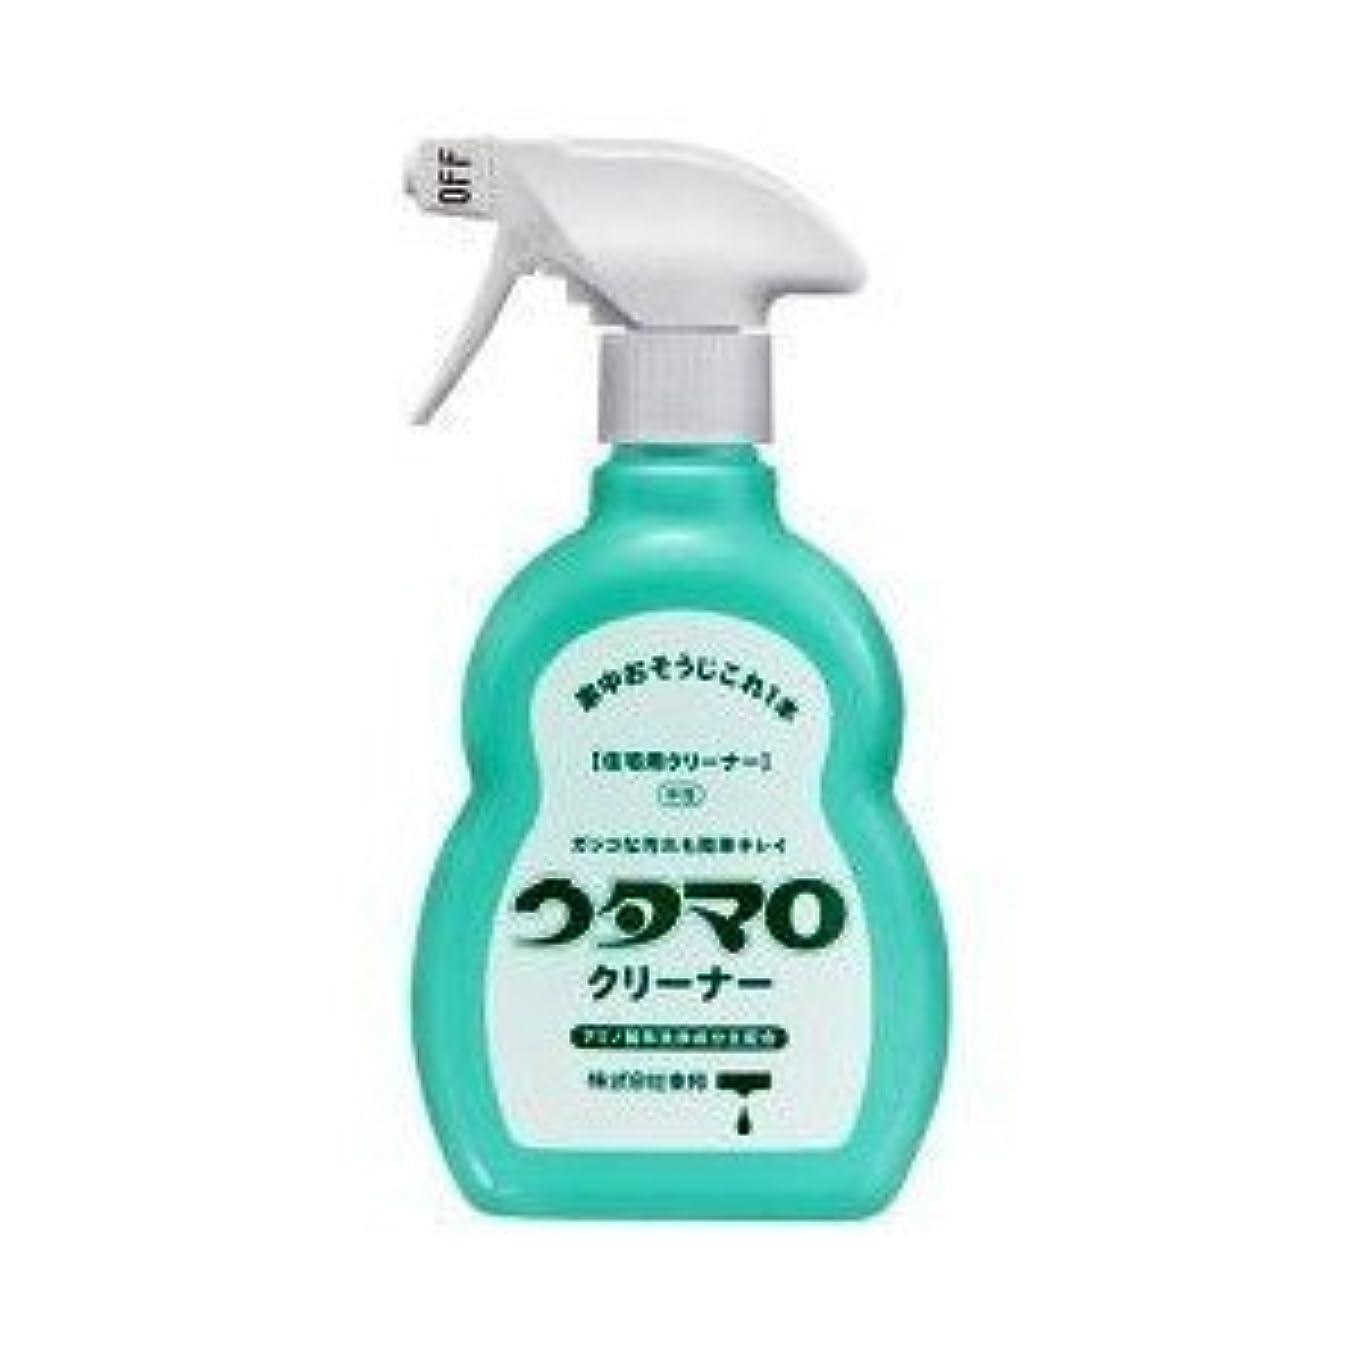 辞書売り手衝突コースウタマロ クリーナー 400ml 洗剤 住居用 アミノ酸系洗浄成分主配合 さわやかなグリーンハーブの香り